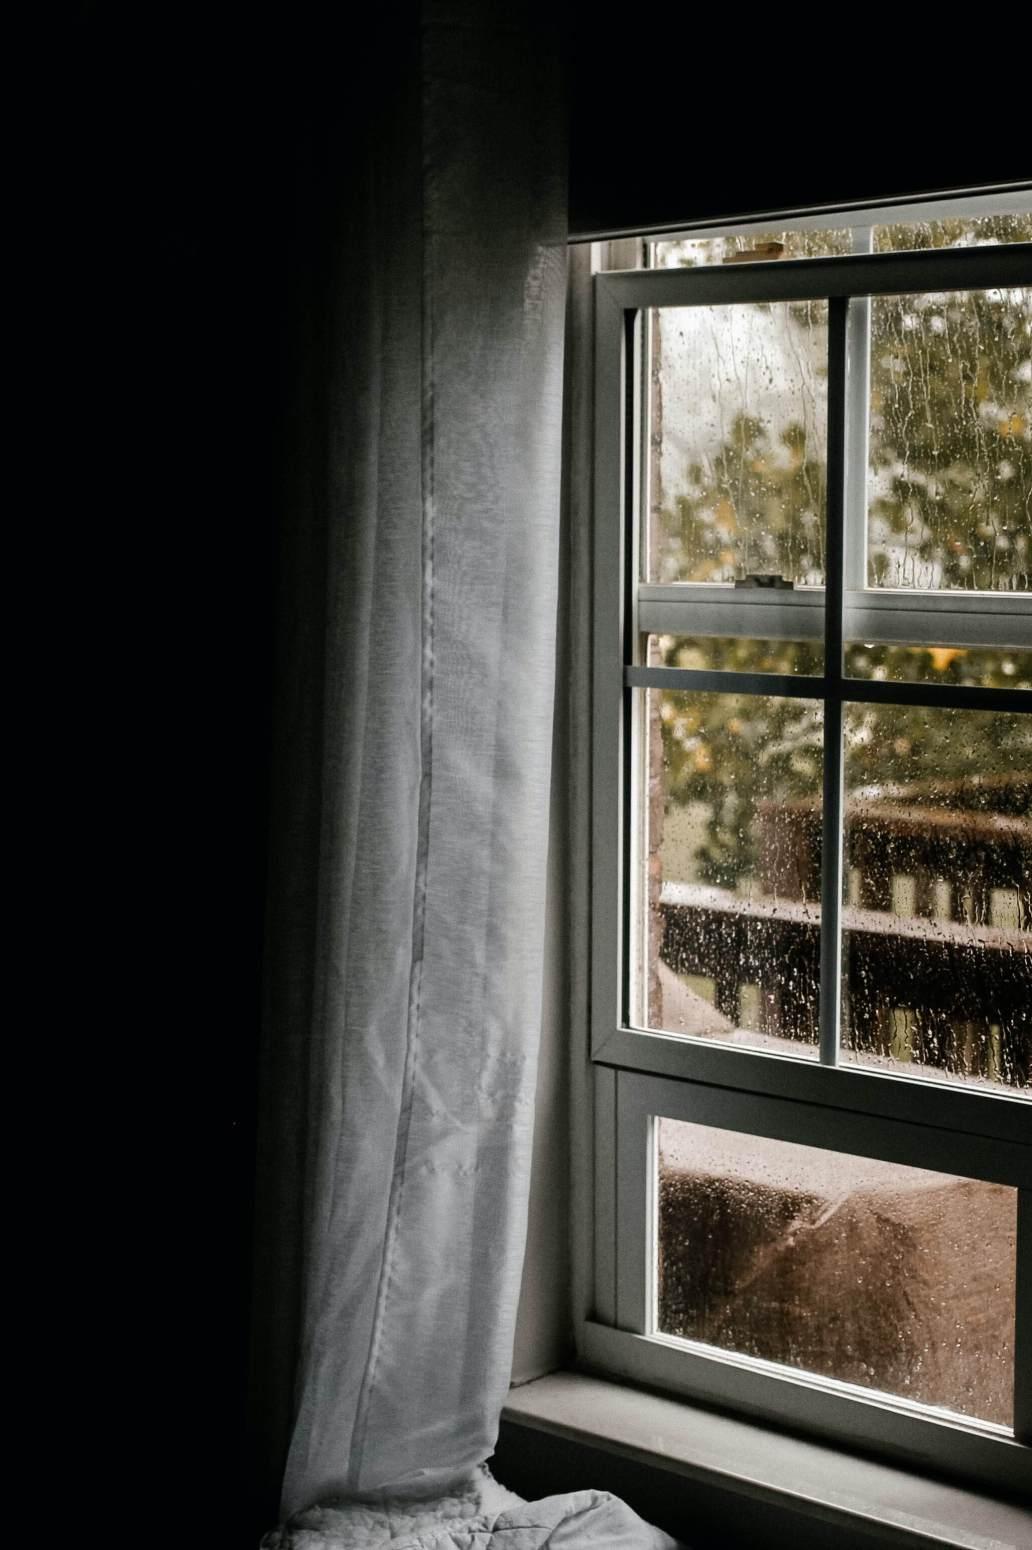 danielle dolson yeN9XfiUafY unsplash 2 1364x2048 - Fenêtres anciennes : quel matériau choisir pour les remplacer ?